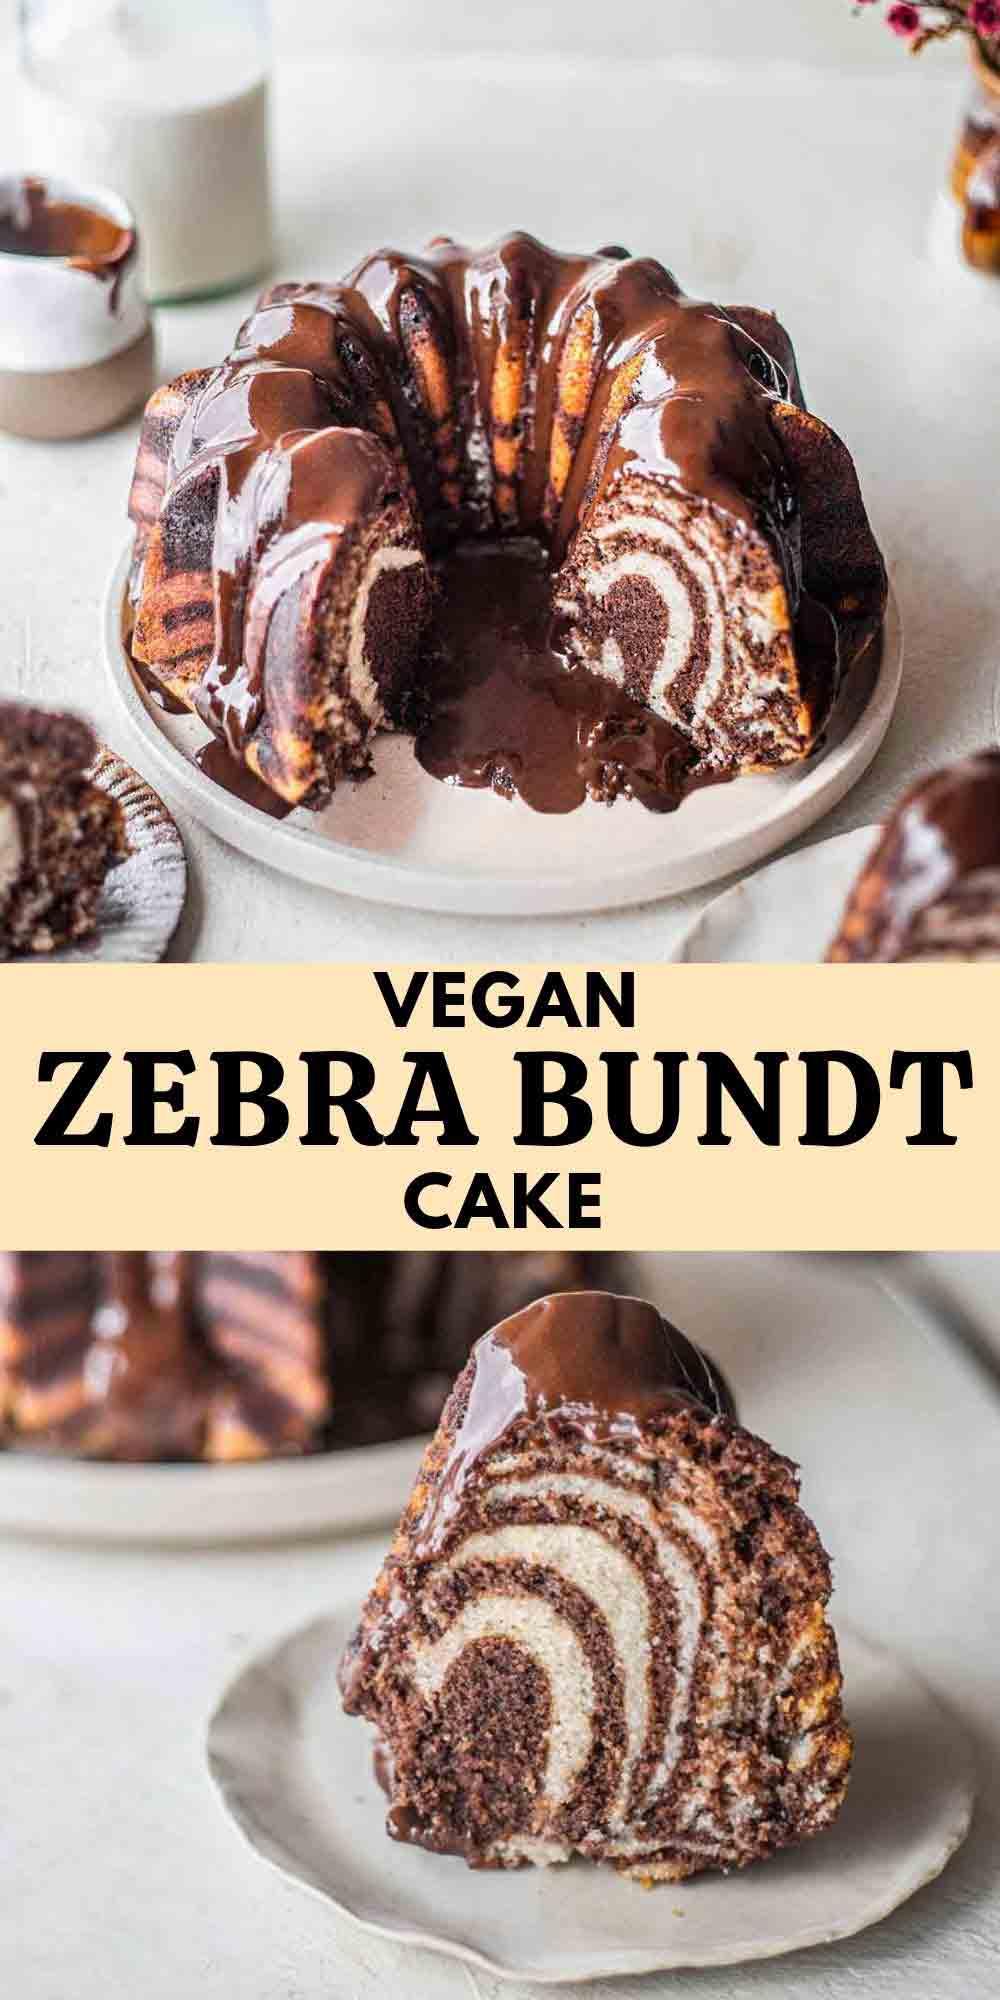 Vegan Zebra Bundt Cake (Vegan Marble Cake)